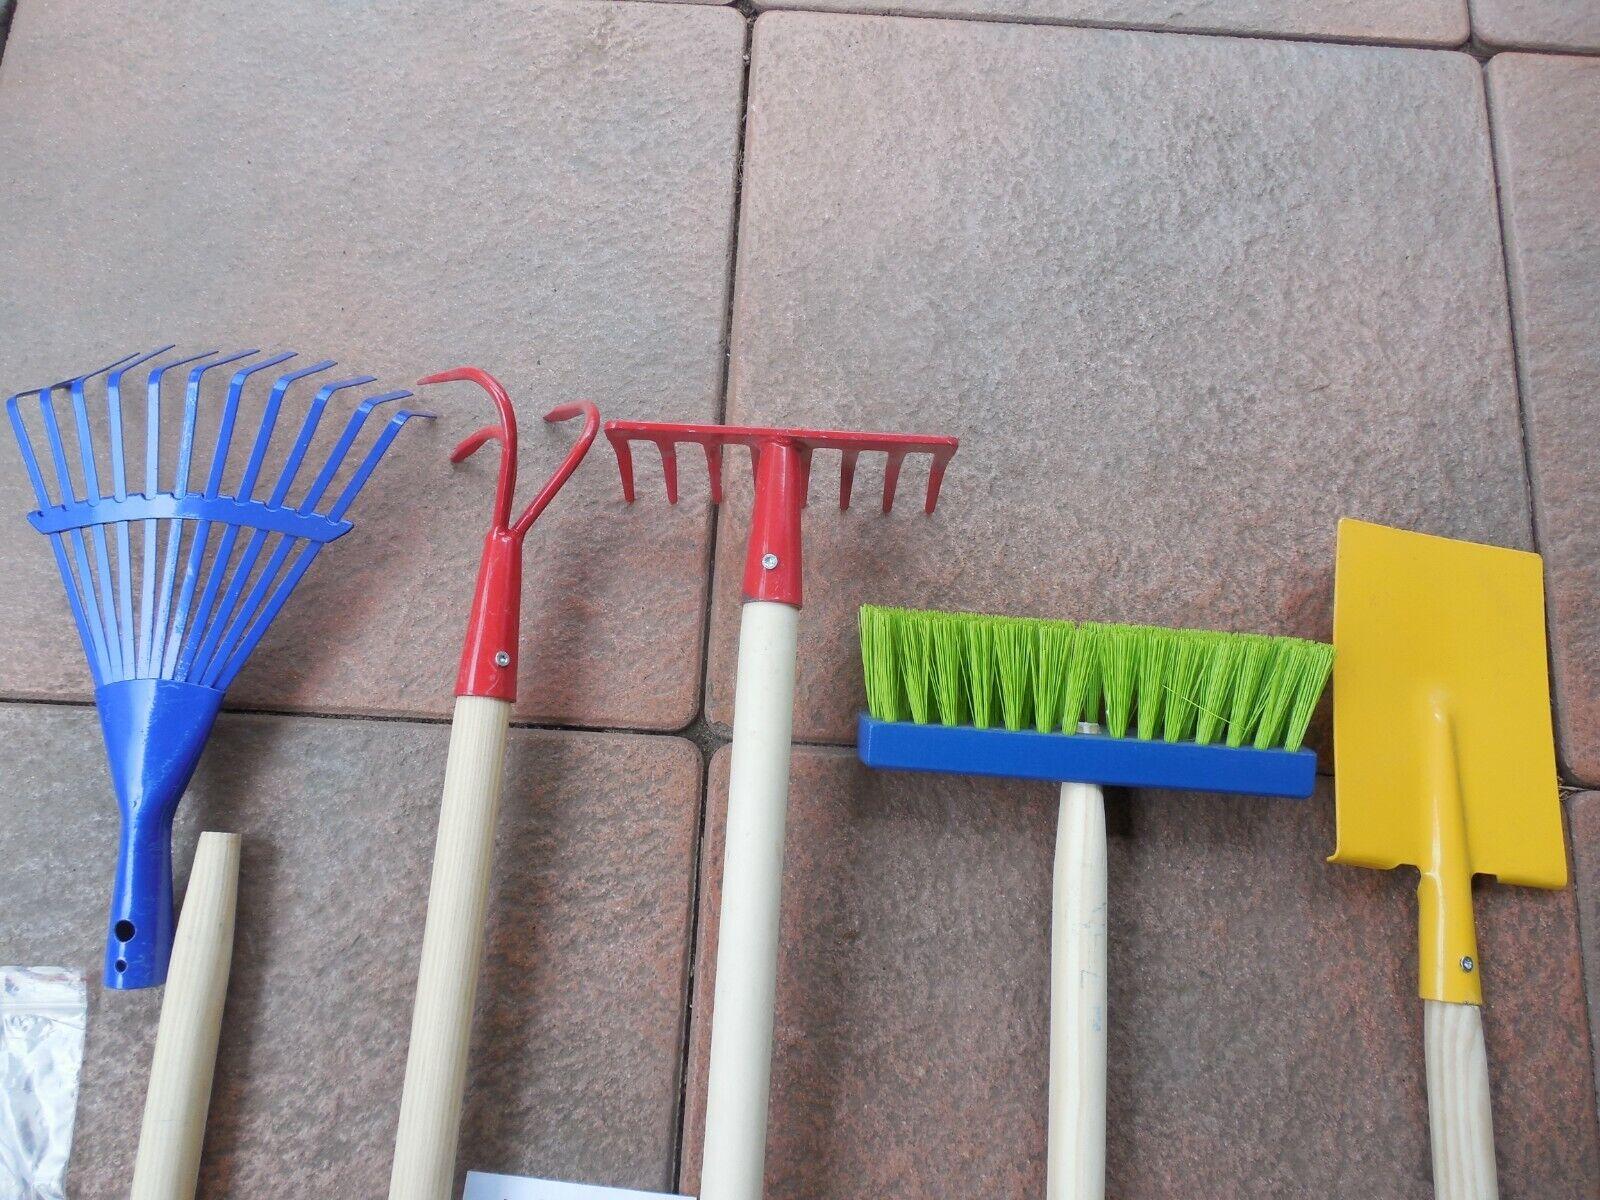 5 Gartengeräte für Kinder Metall Harke Rechen Spaten Grubber und Besen (W 14)